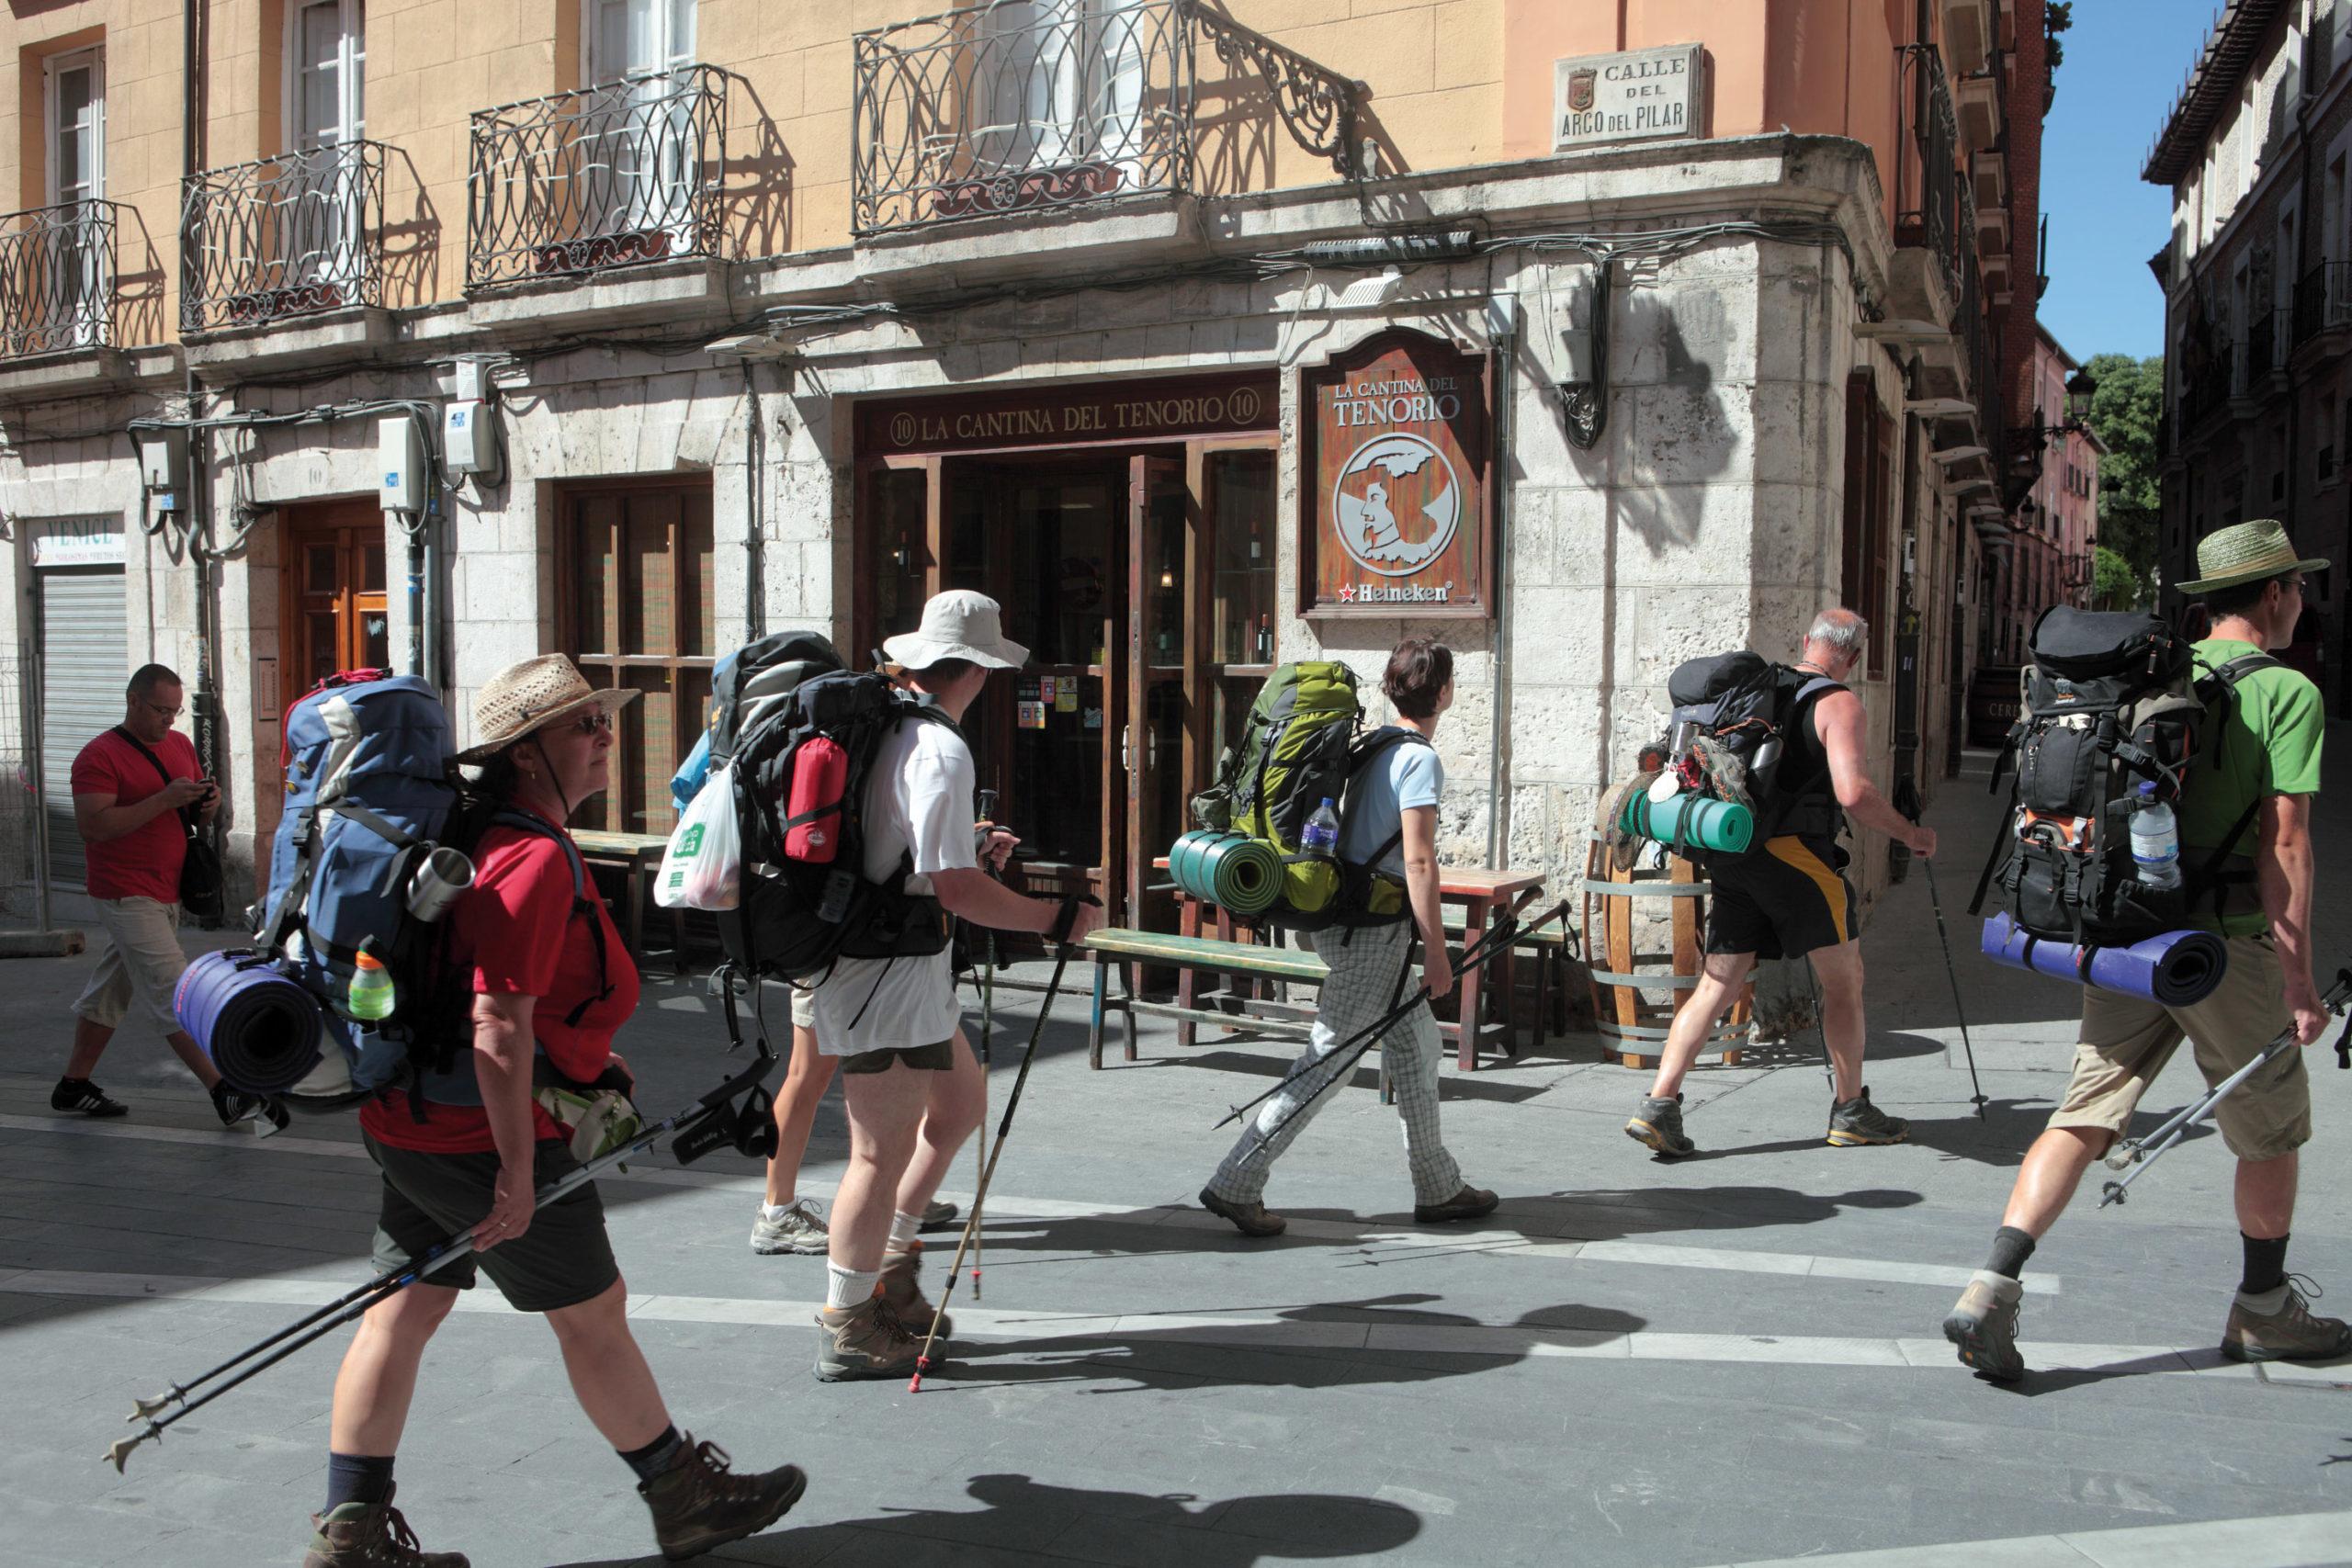 Tres maneras de conocer la provincia de Burgos sin salir de casa 2